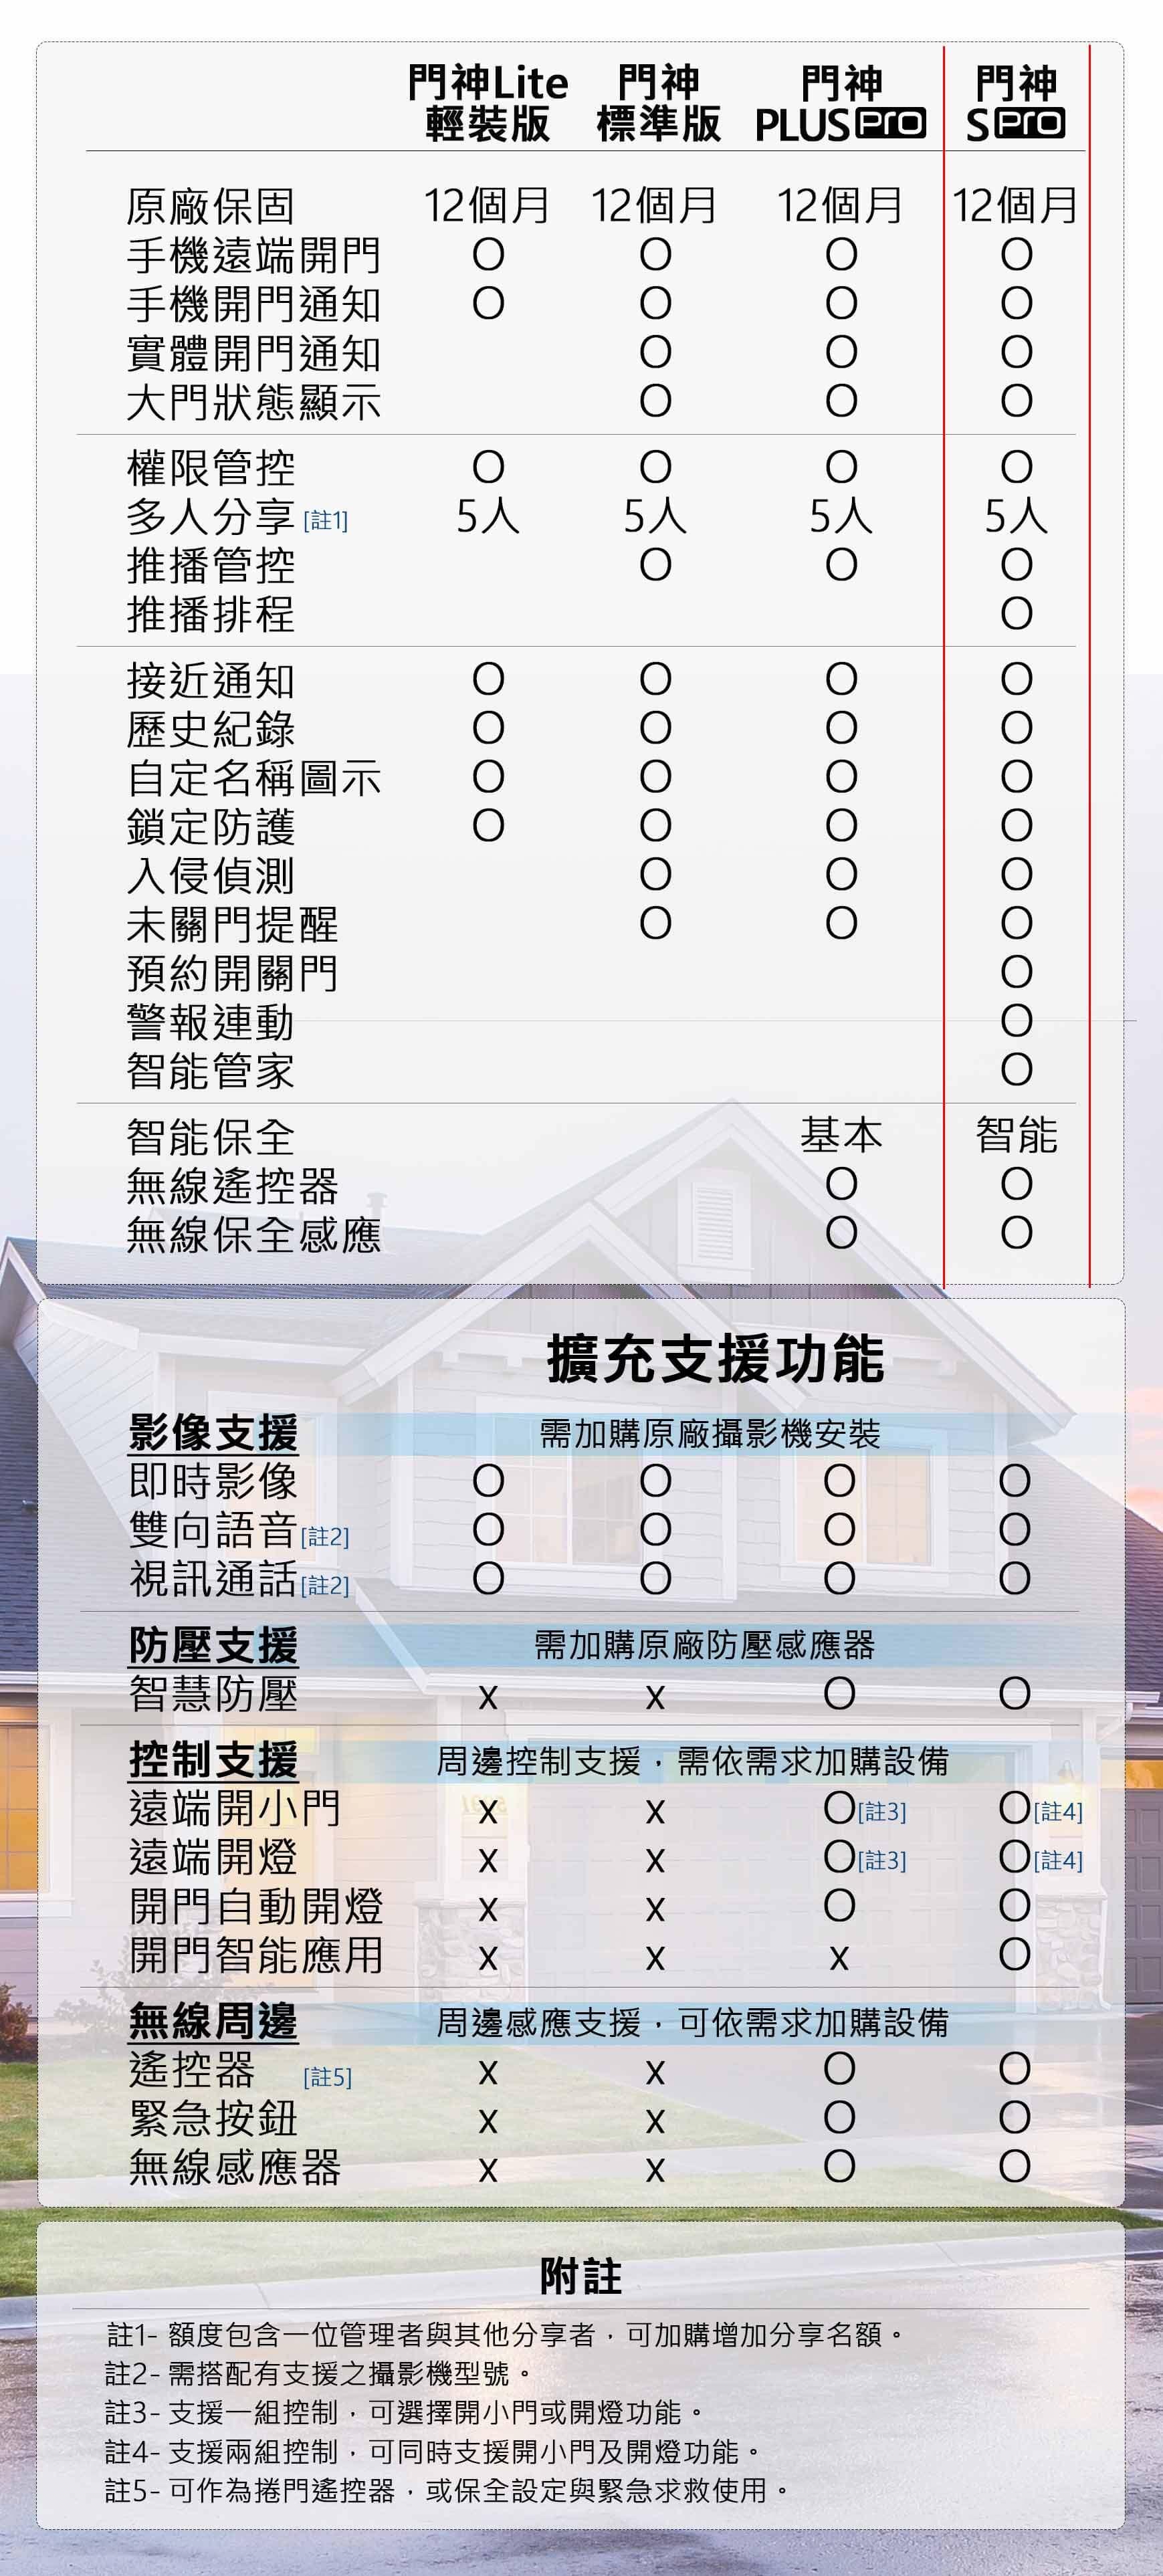 1021031613234 - 門神S Pro (DoorGods S Pro) / 遙控捲門.✨無線保全✨.智能安全管家 (無線保全組)